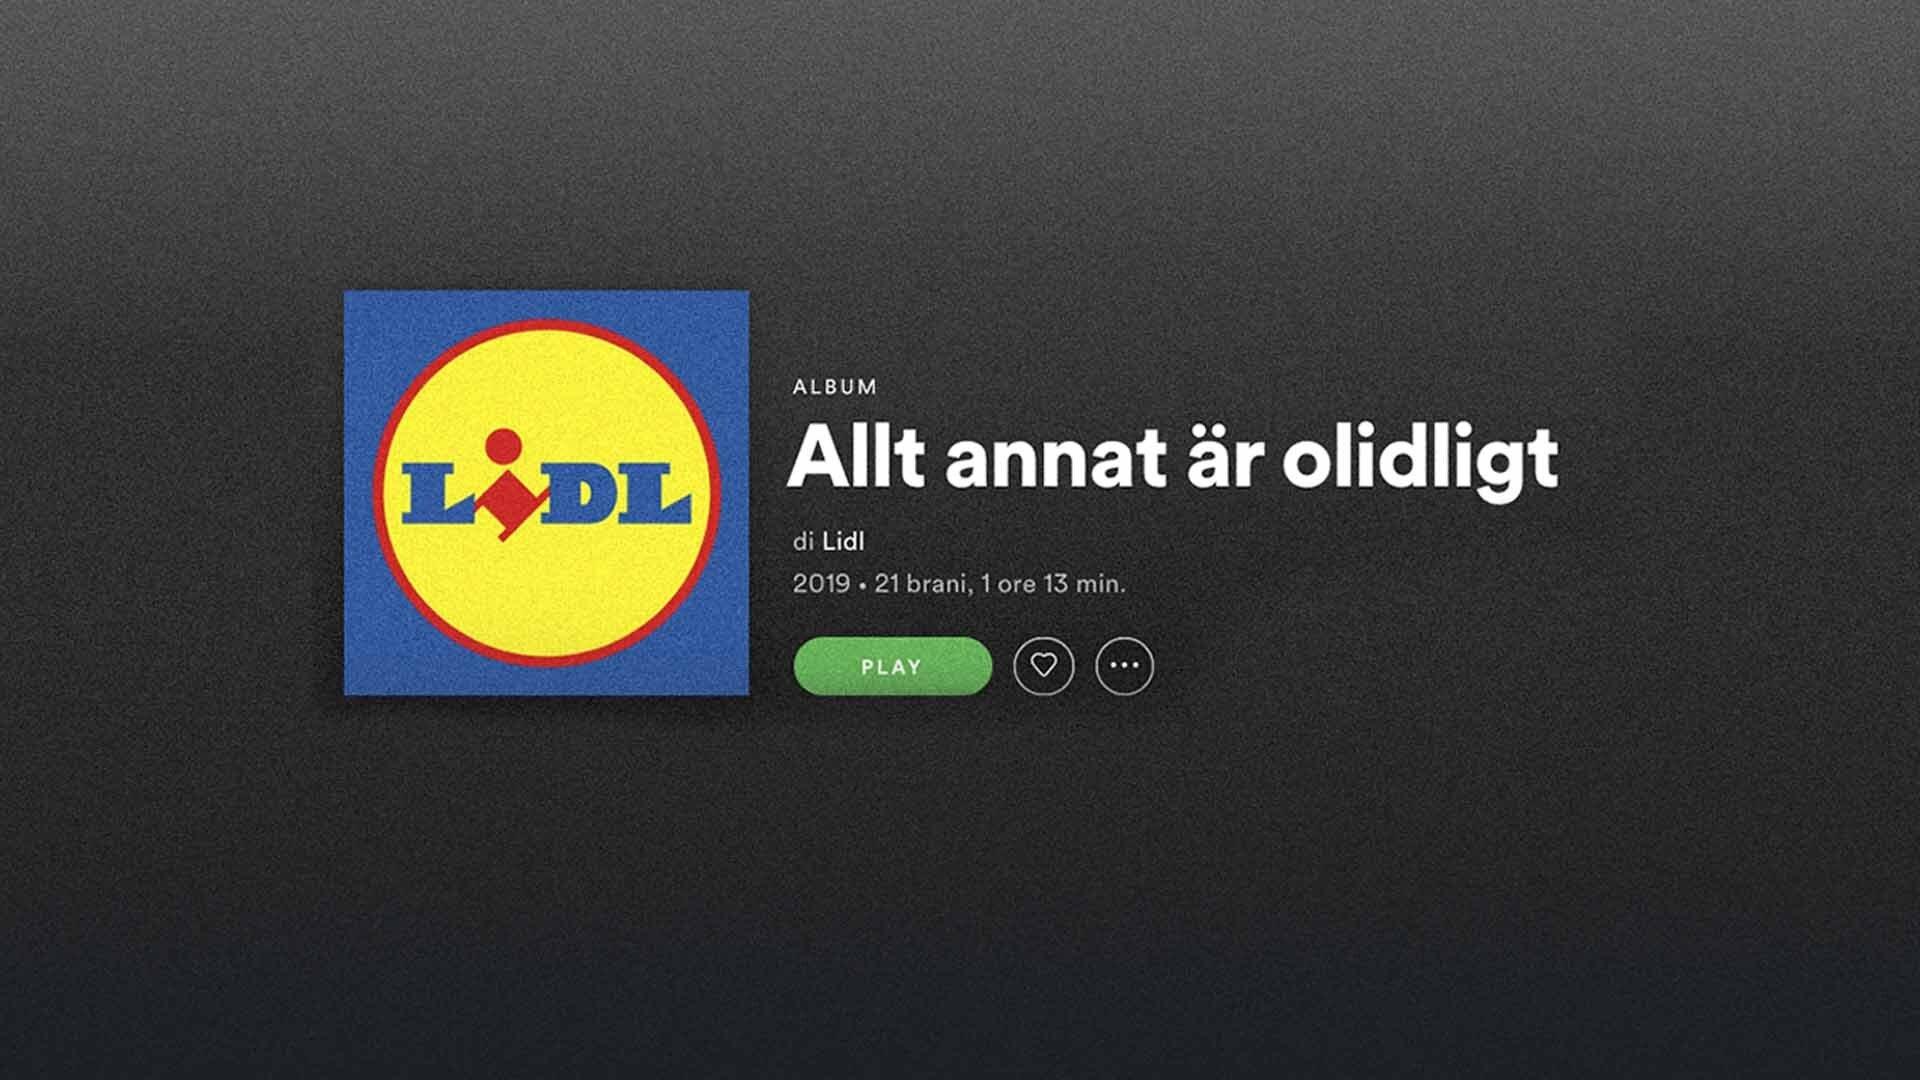 L'album della Lidl è il futuro della musica ambient